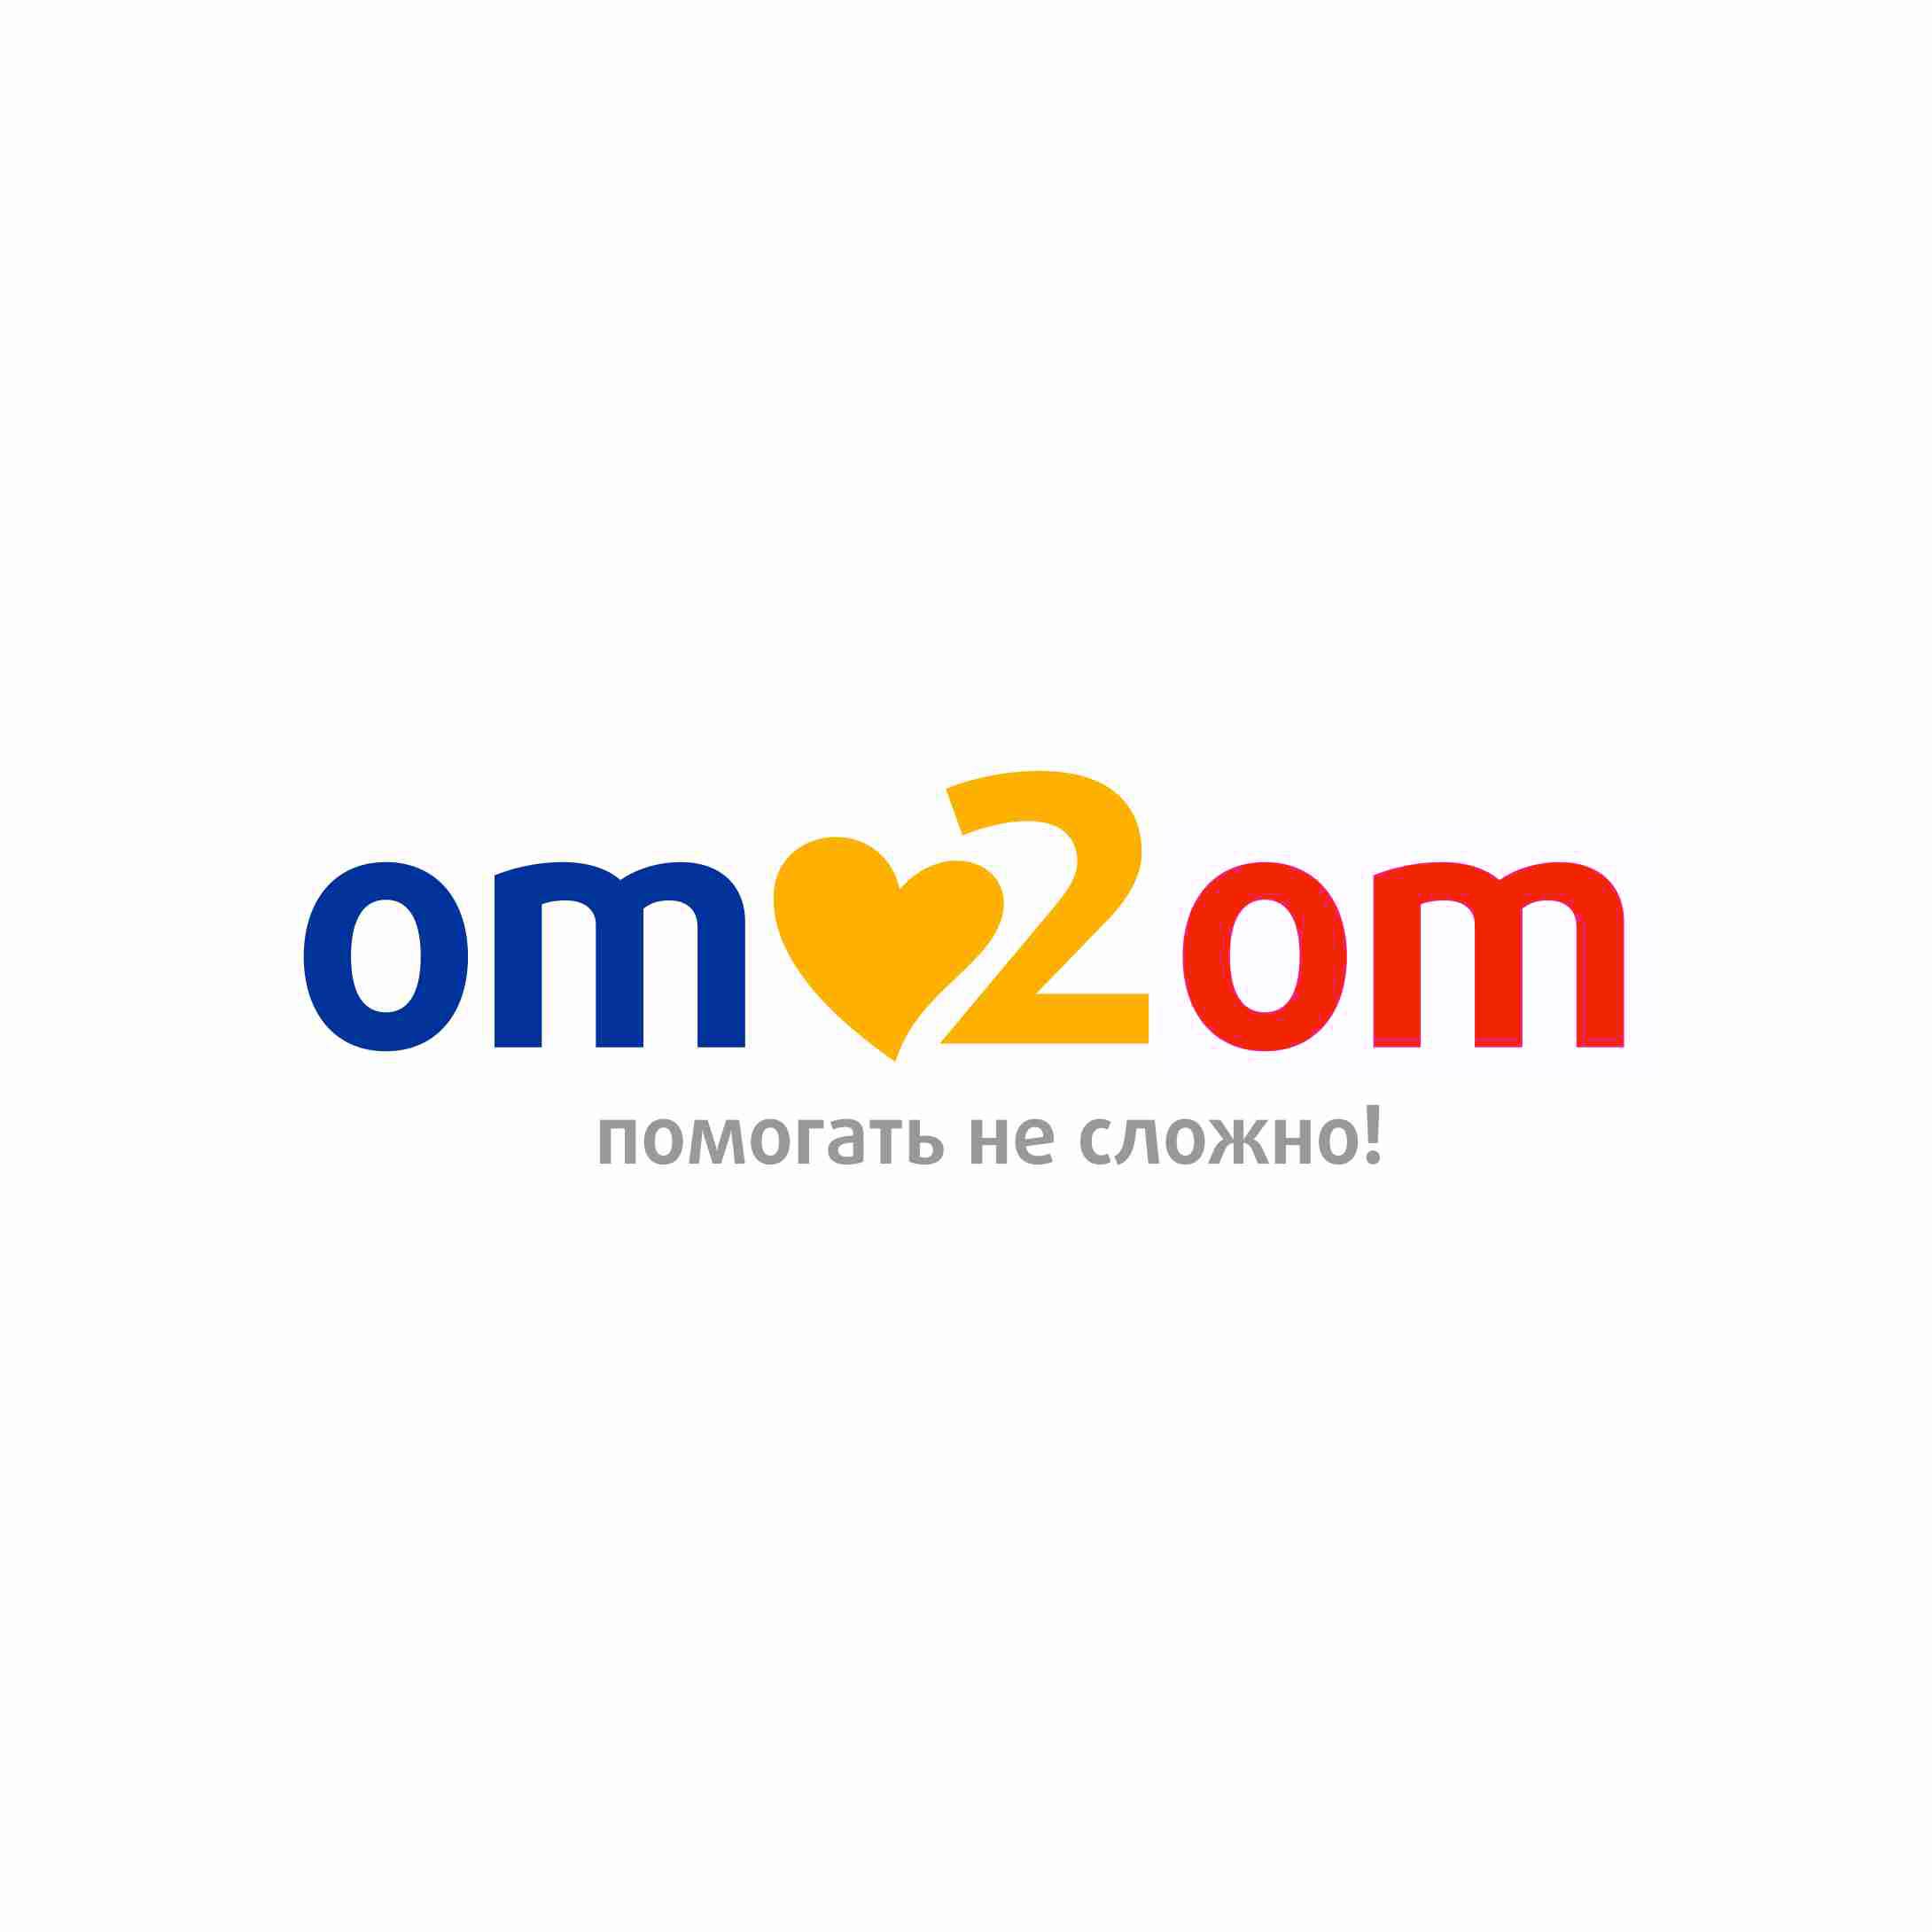 Разработка логотипа для краудфандинговой платформы om2om.md фото f_8985f5fc070ec31f.jpg